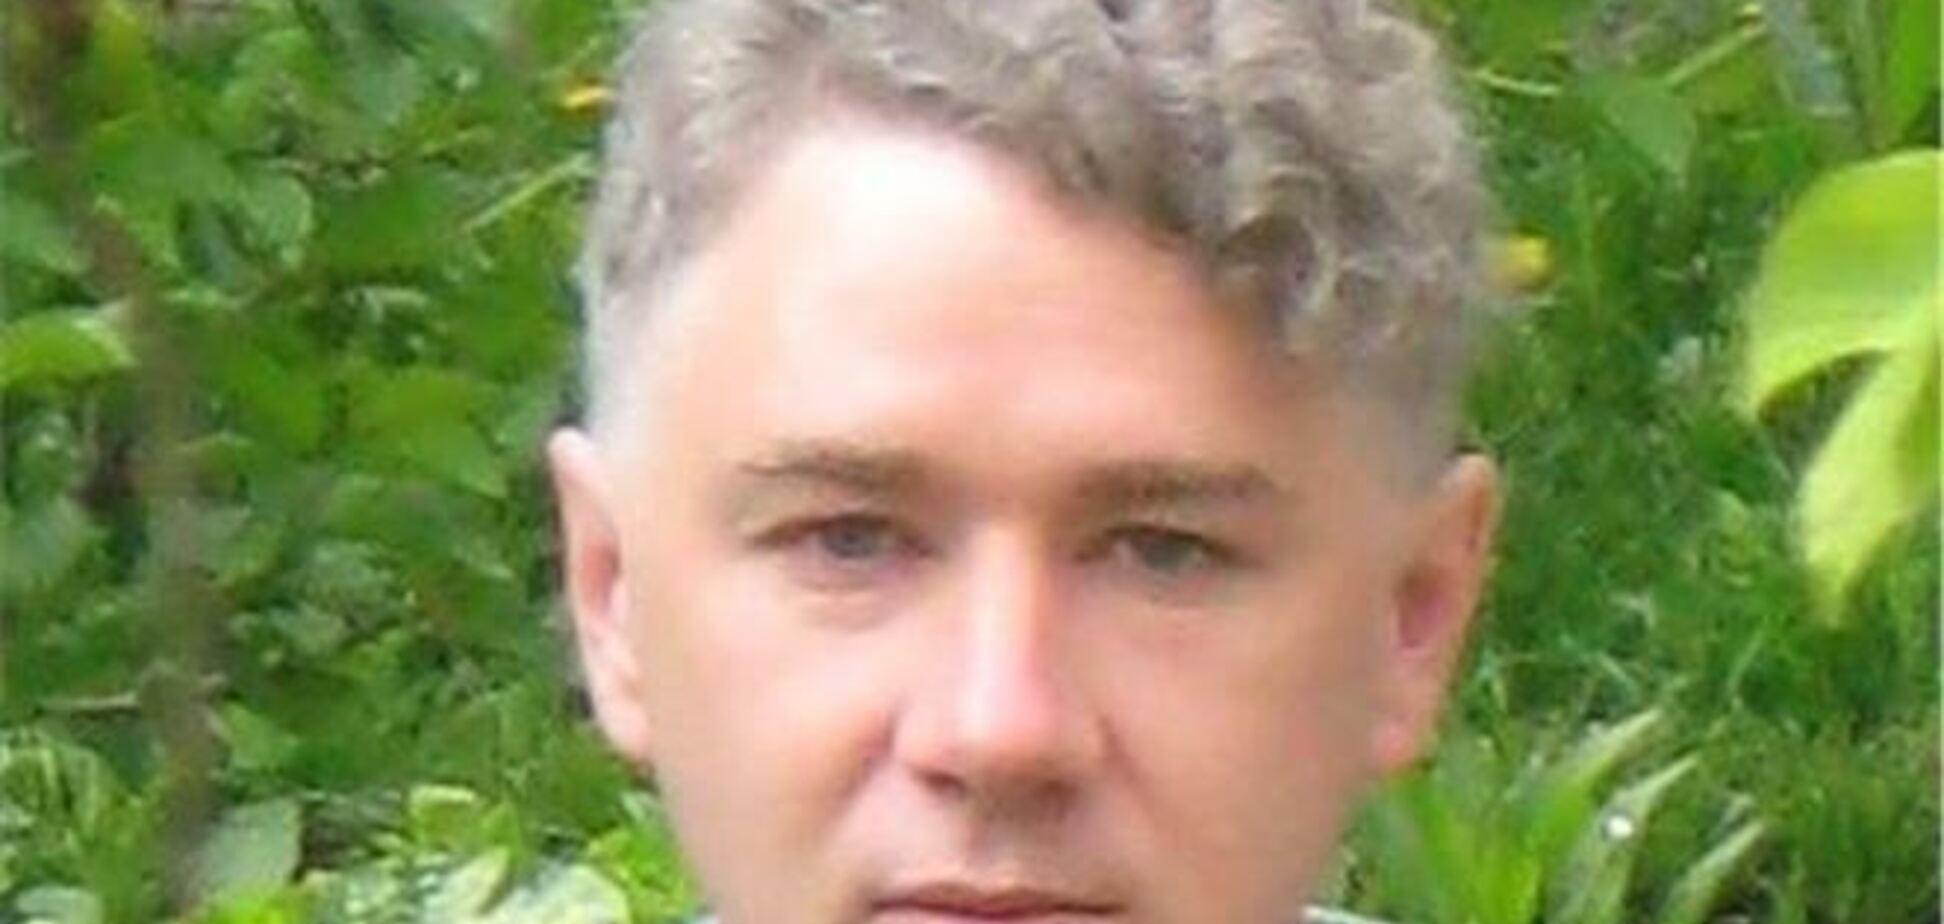 Депутат та самоуправ Войцеховська залишила без телефонного зв'язку половину мешканців мікрорайону міста Котовськ